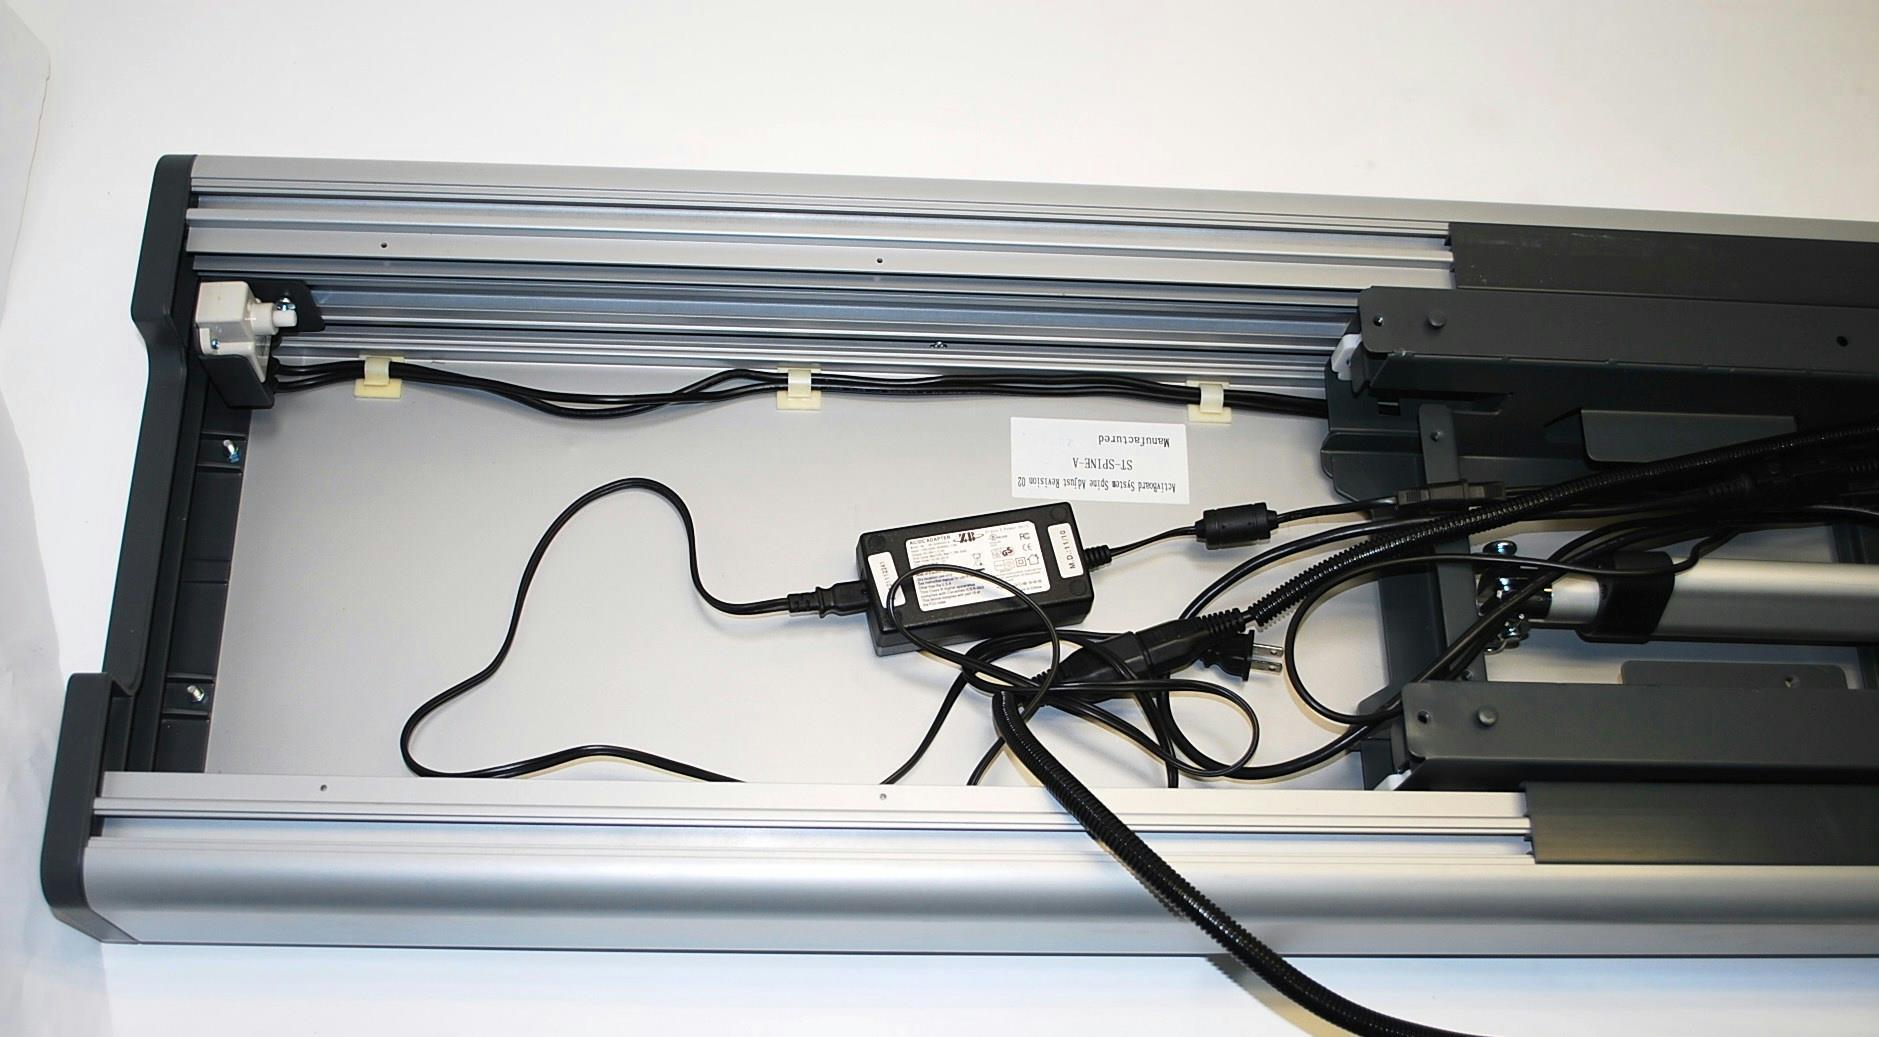 wiring promethean board library of wiring diagram u2022 rh jessascott co Promethean Board Logo Promethean Board with Kindergarten